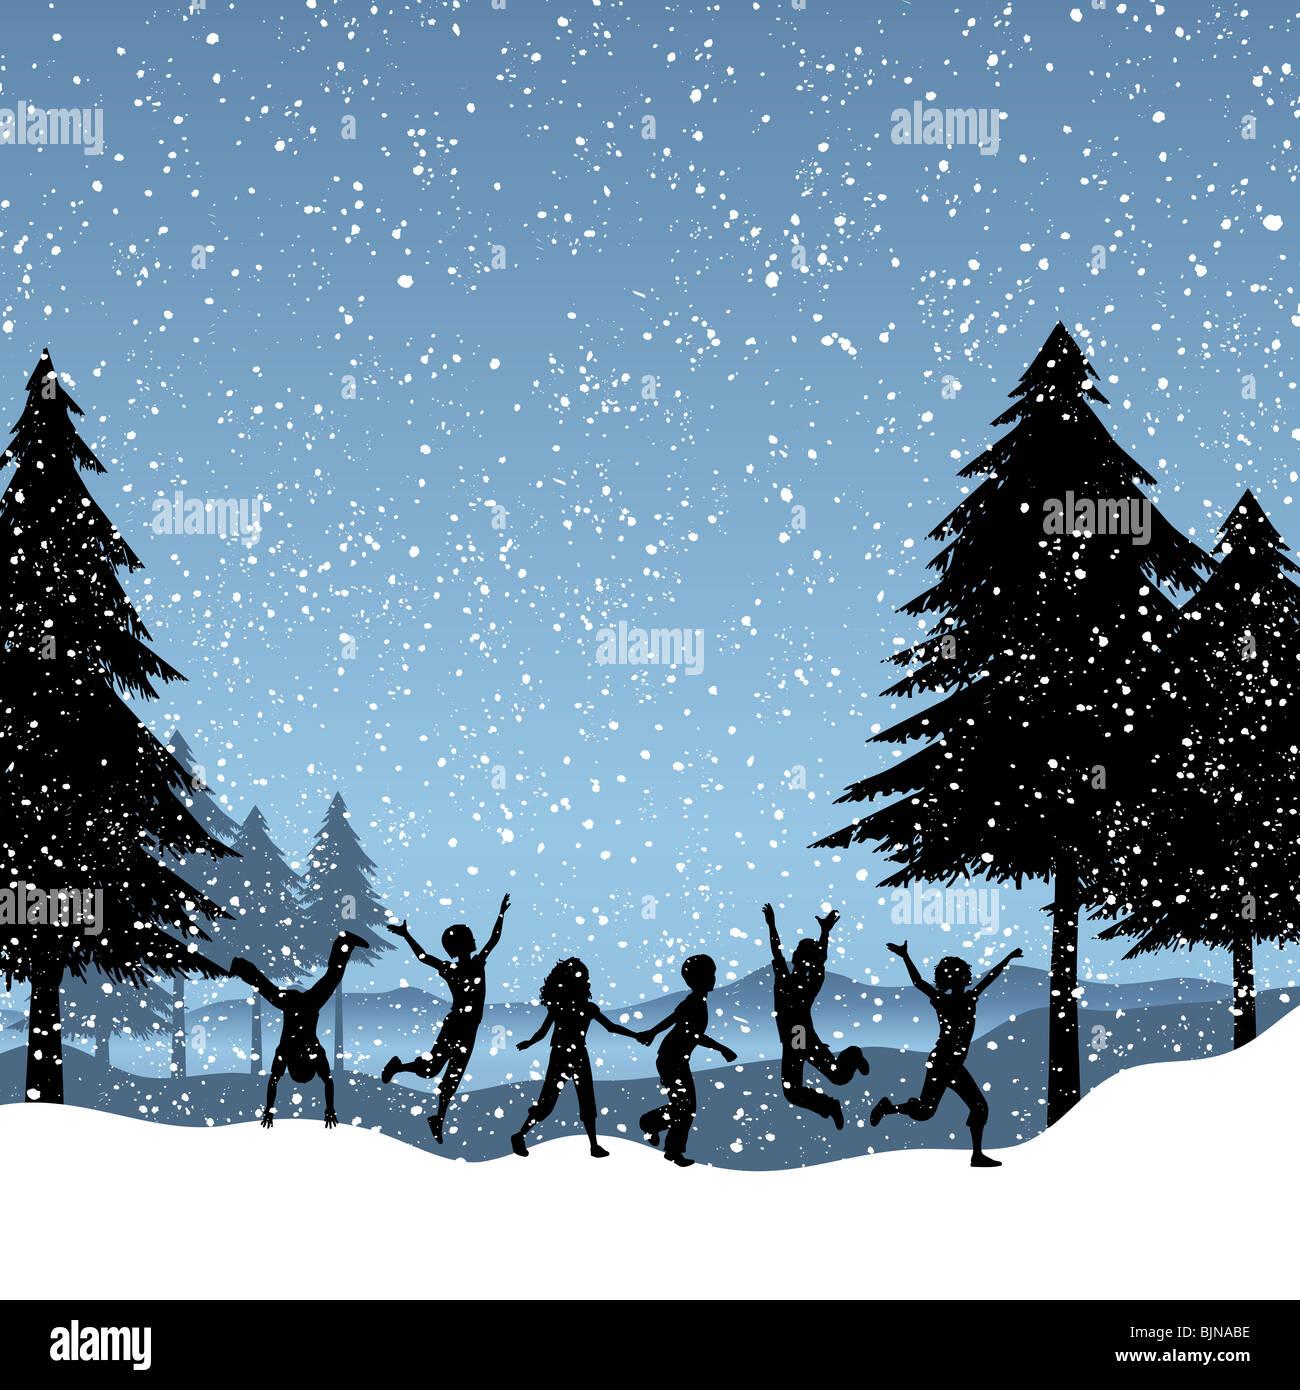 Silhouettes d'enfants jouant dans la neige Photo Stock